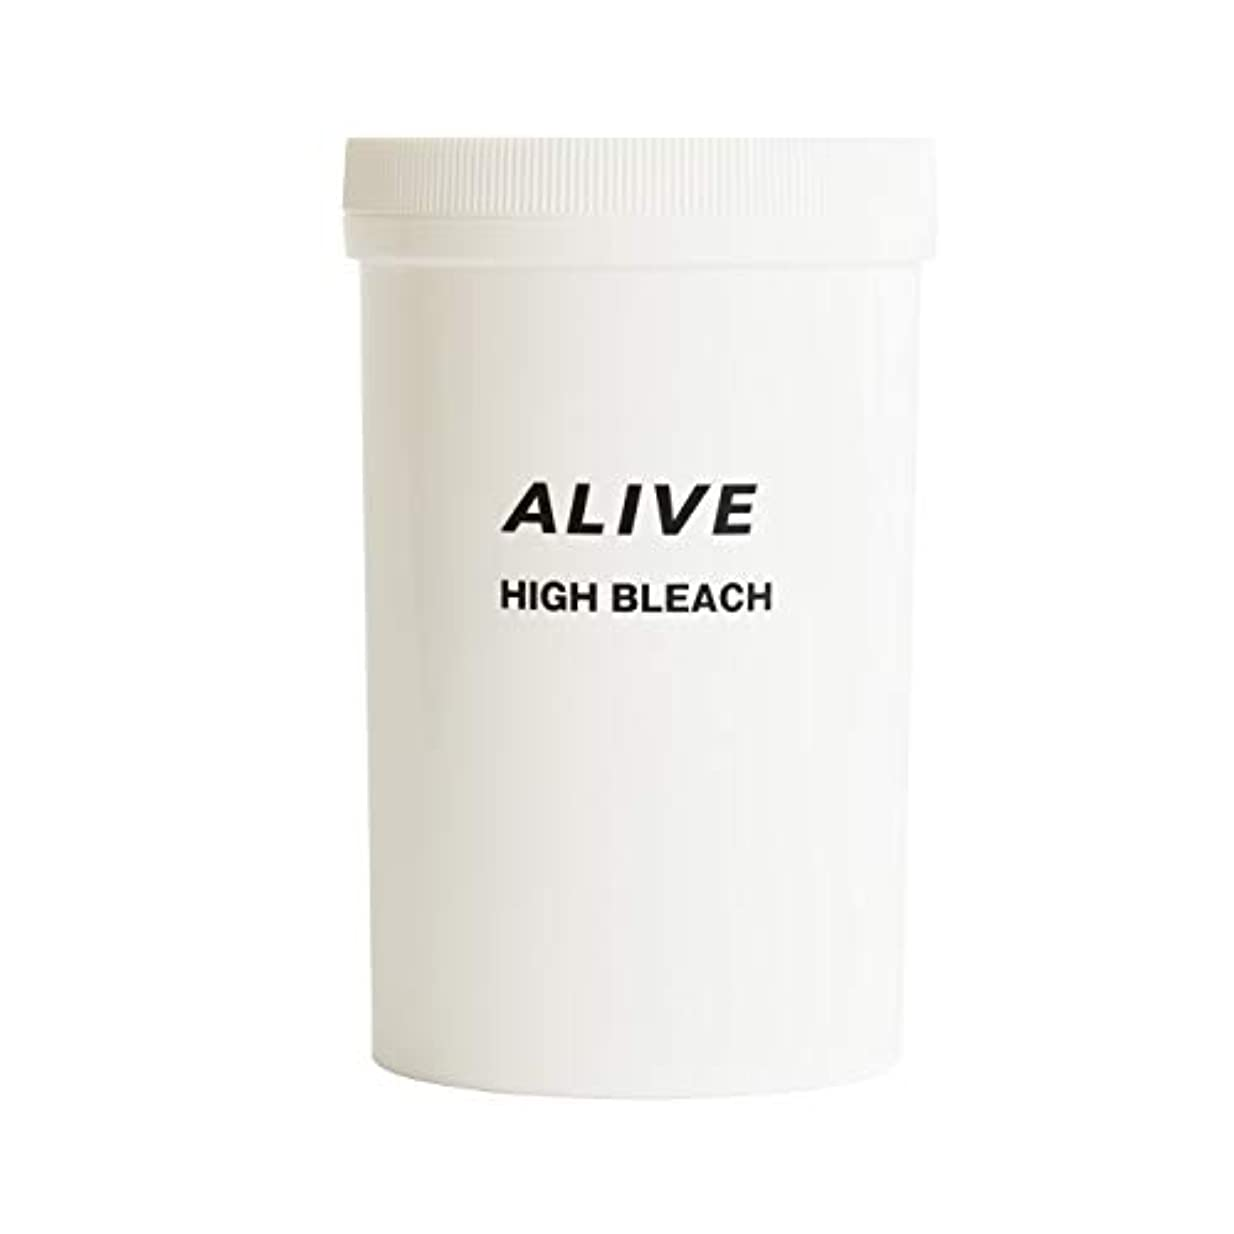 リーズ音節平日ALIVE HIGHT BLEACH アライブ ハイブリーチ